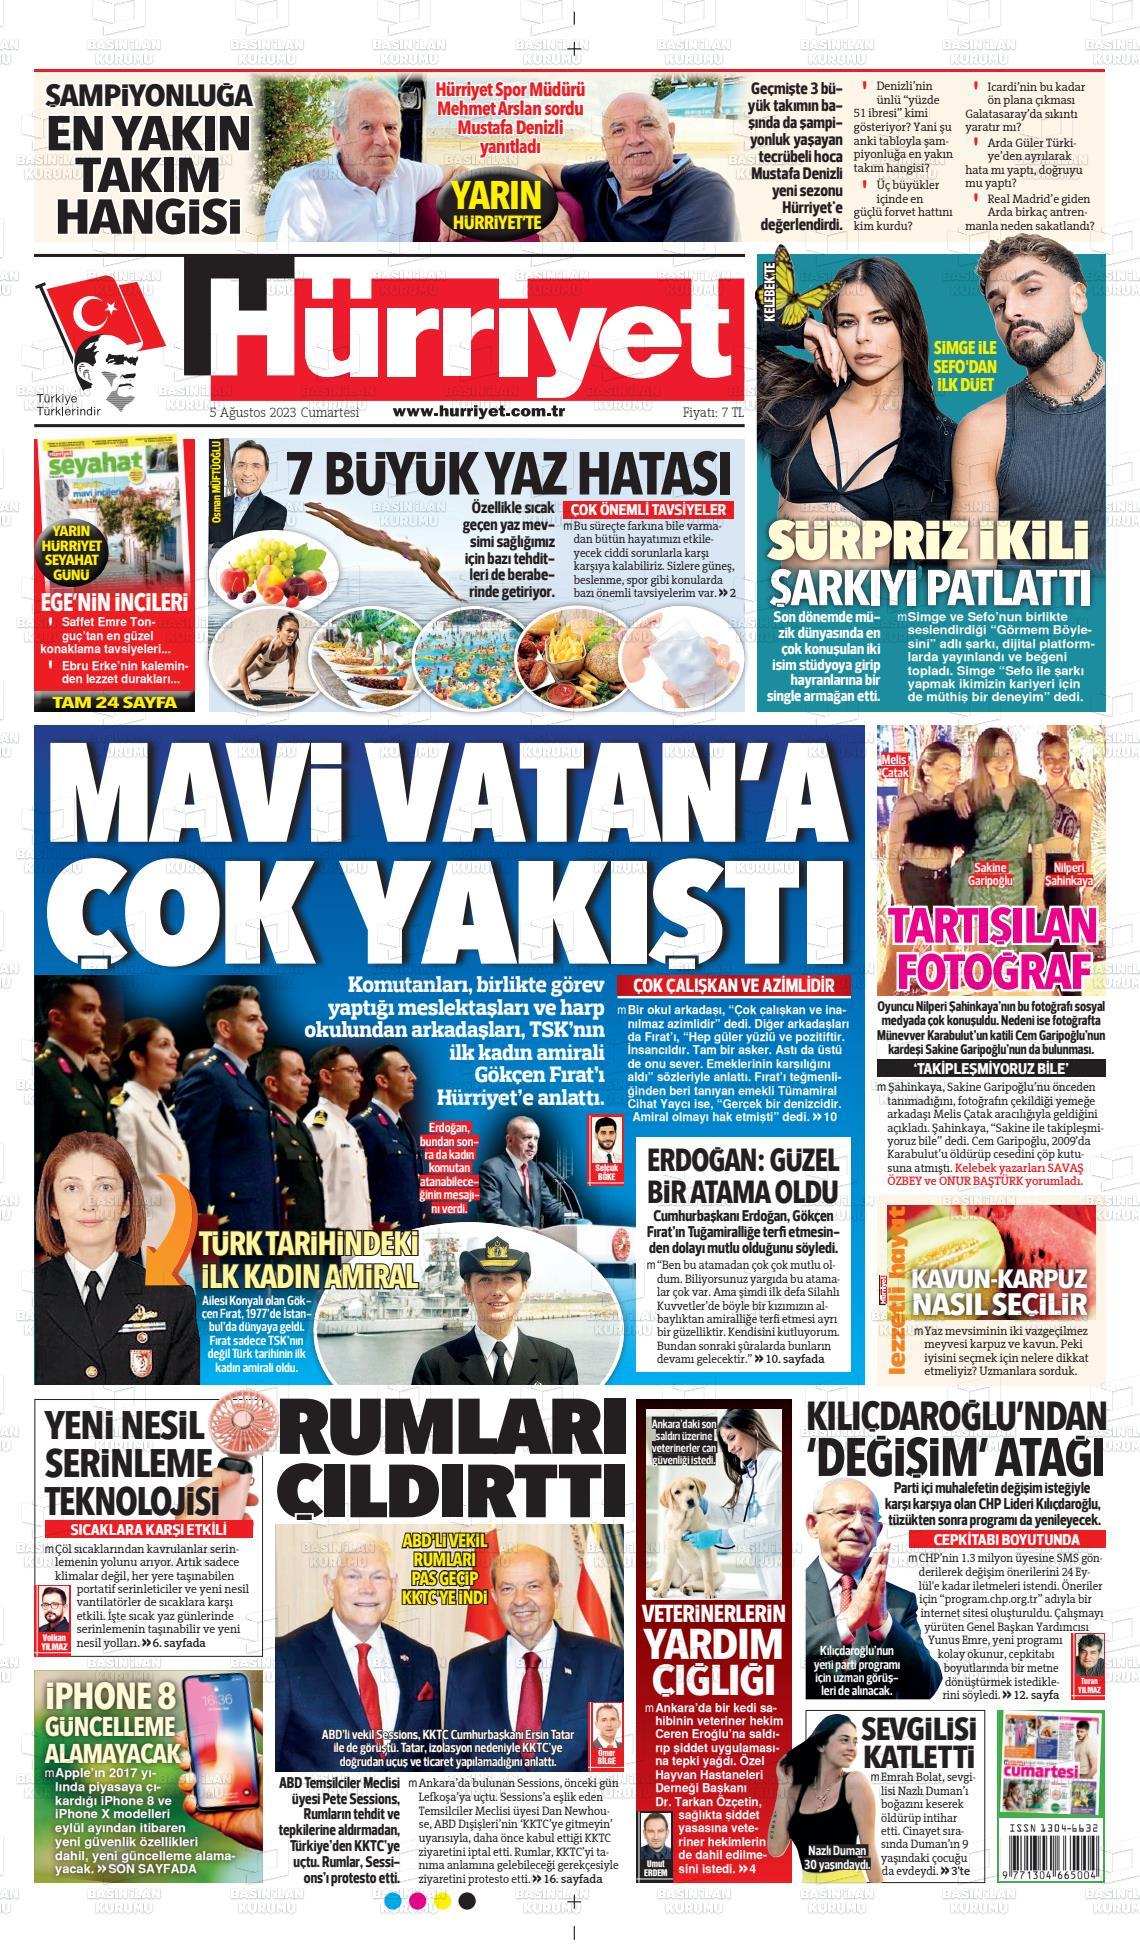 20 Temmuz 2019, Cumartesi hurriyet Gazetesi